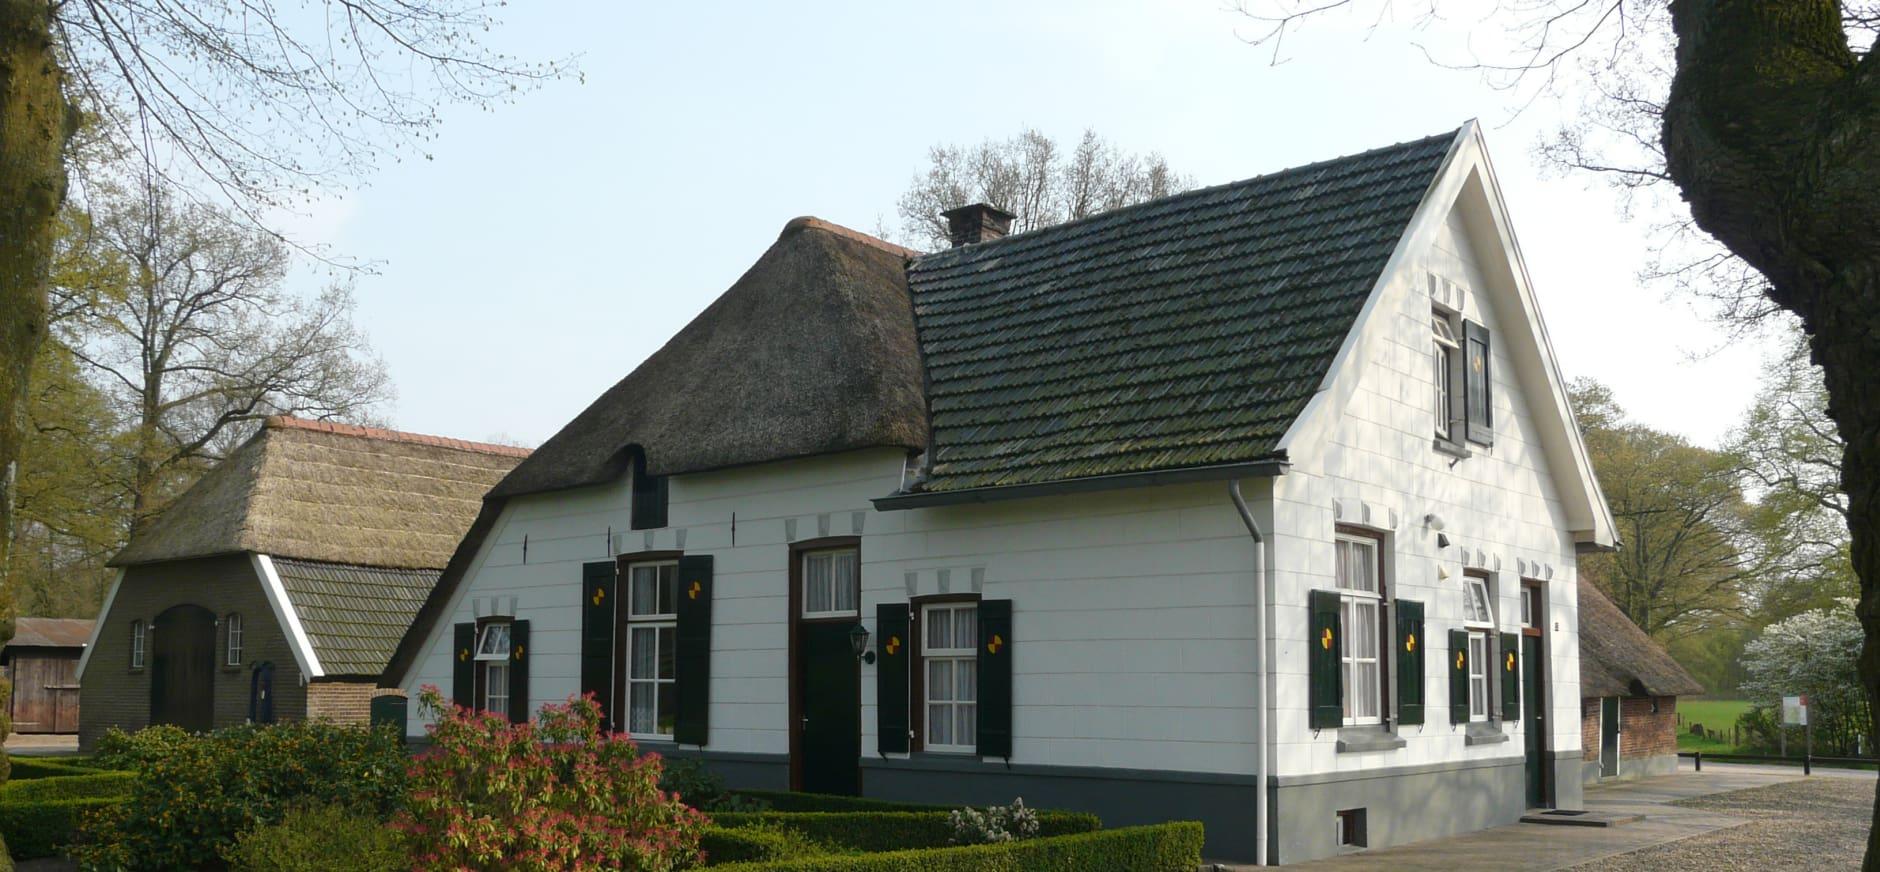 Sprengenberg krijgt sfeervol Sallands ontvangstpunt